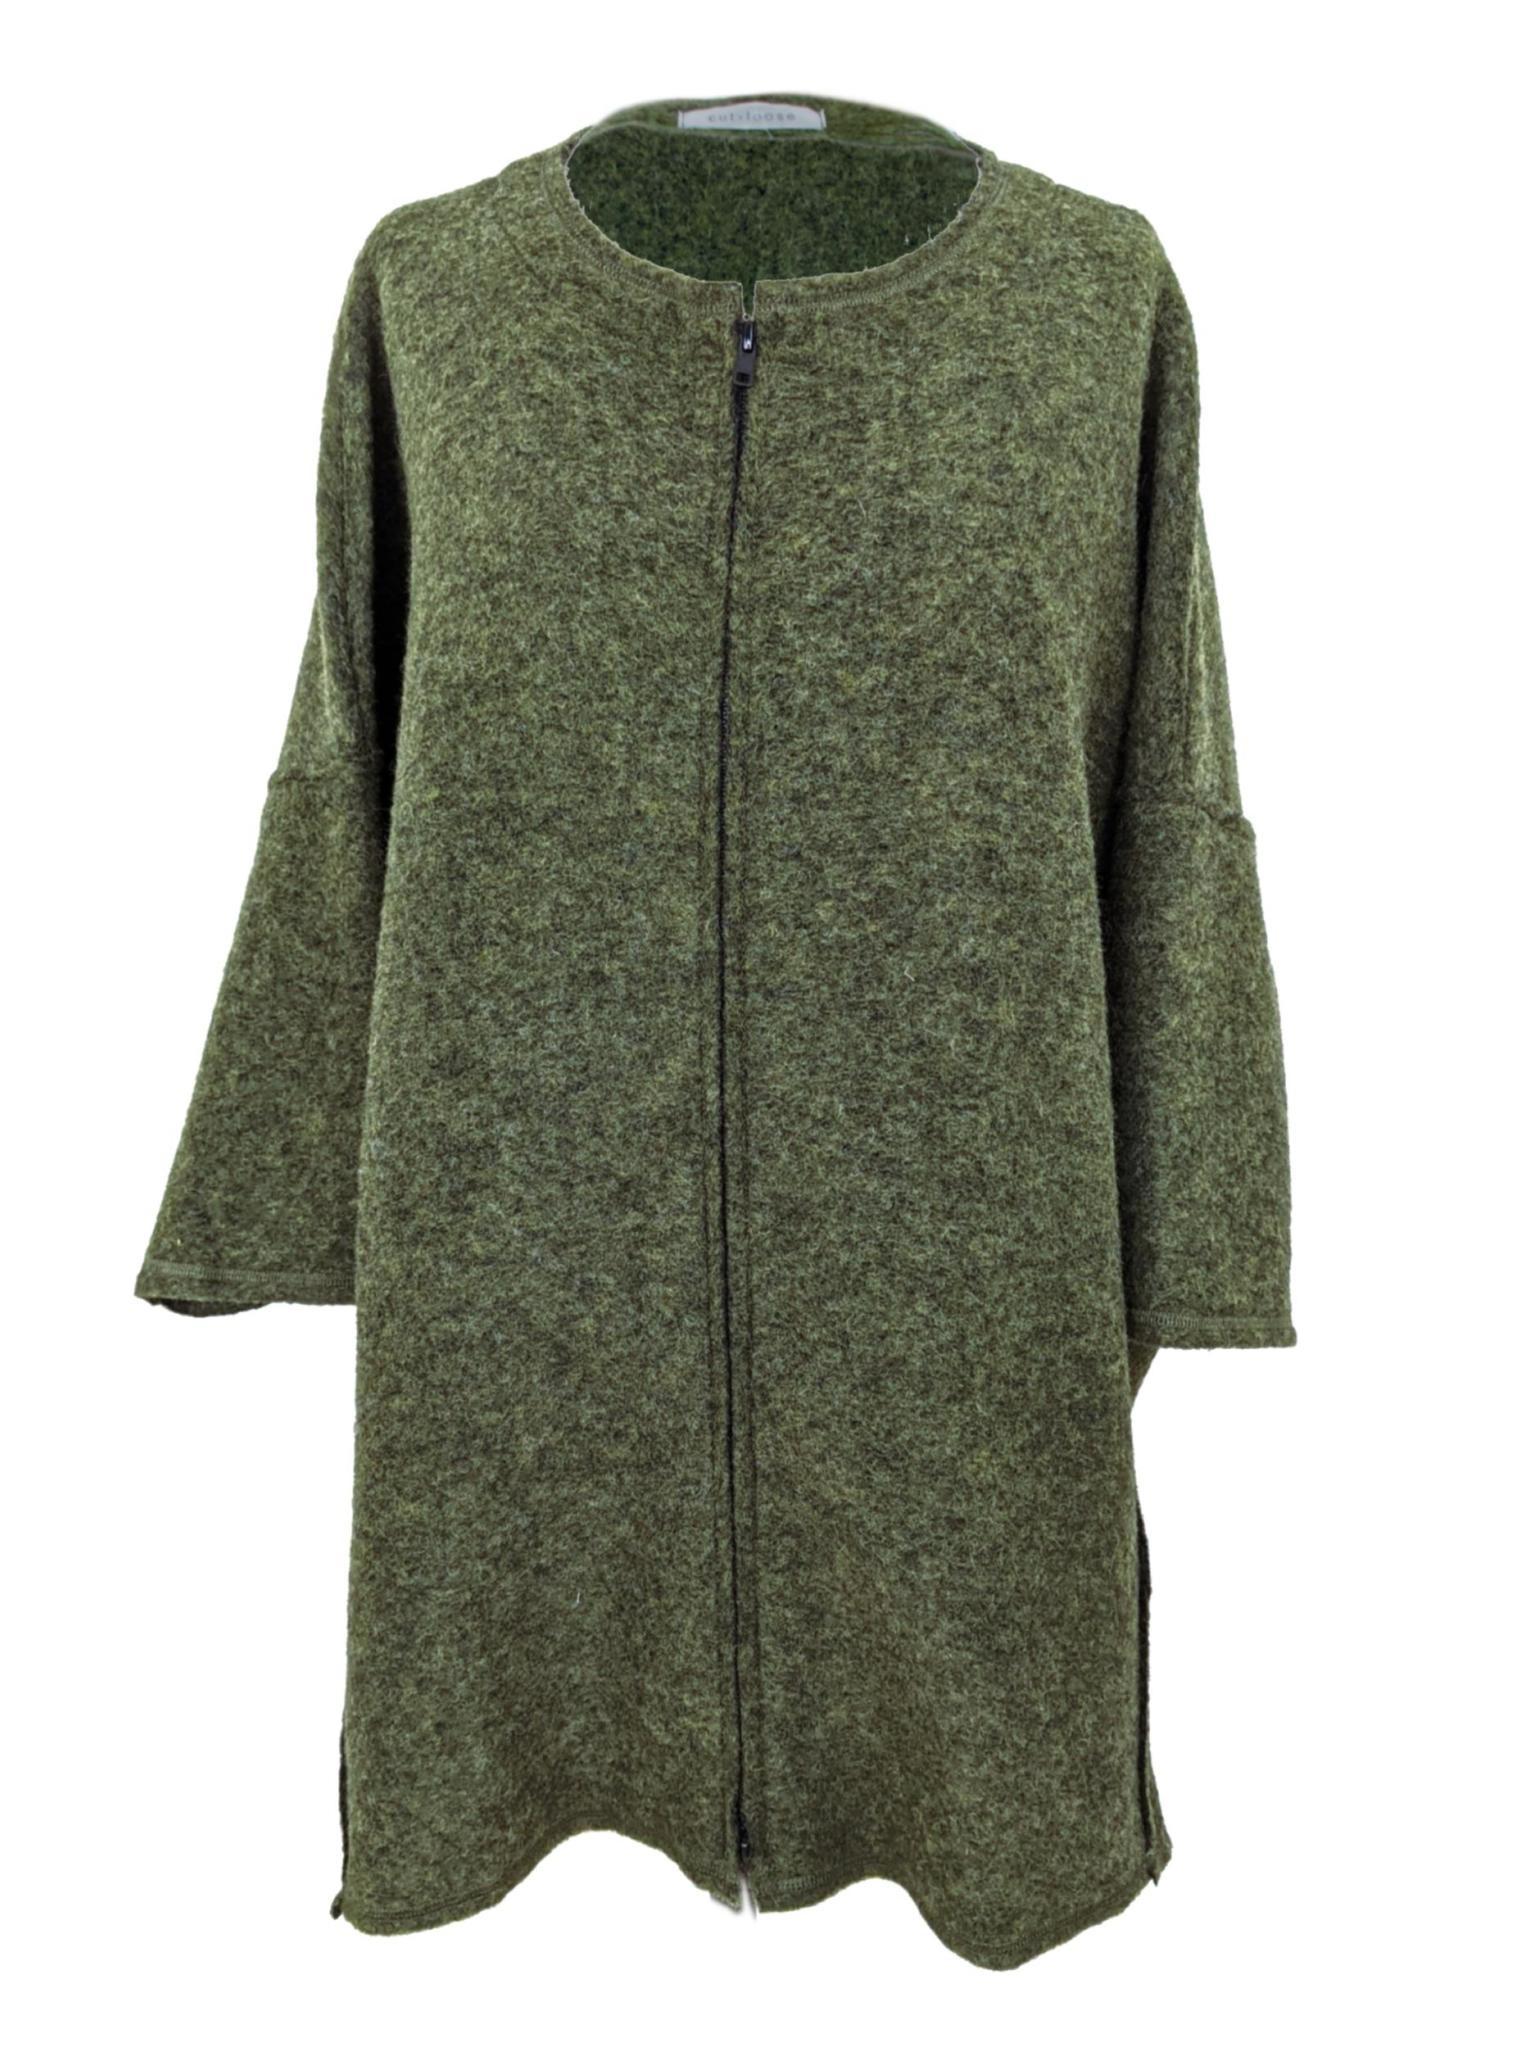 Cut Loose Boiled Wool Zip Jacket